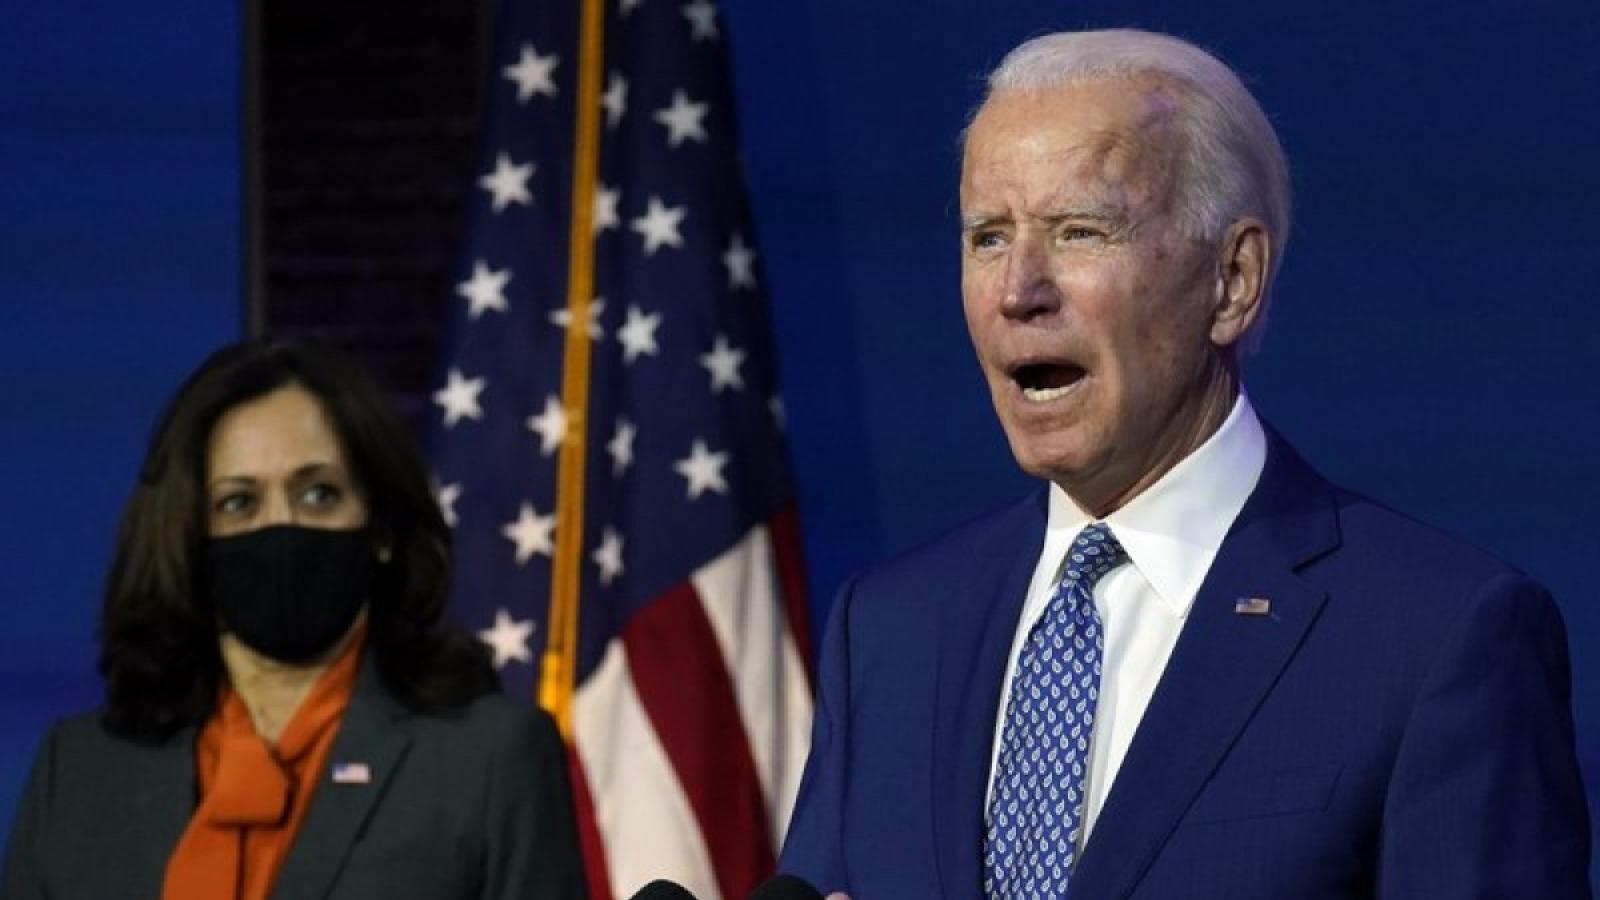 Ông Biden chỉ định một số vị trí chủ chốt trong nội các mới